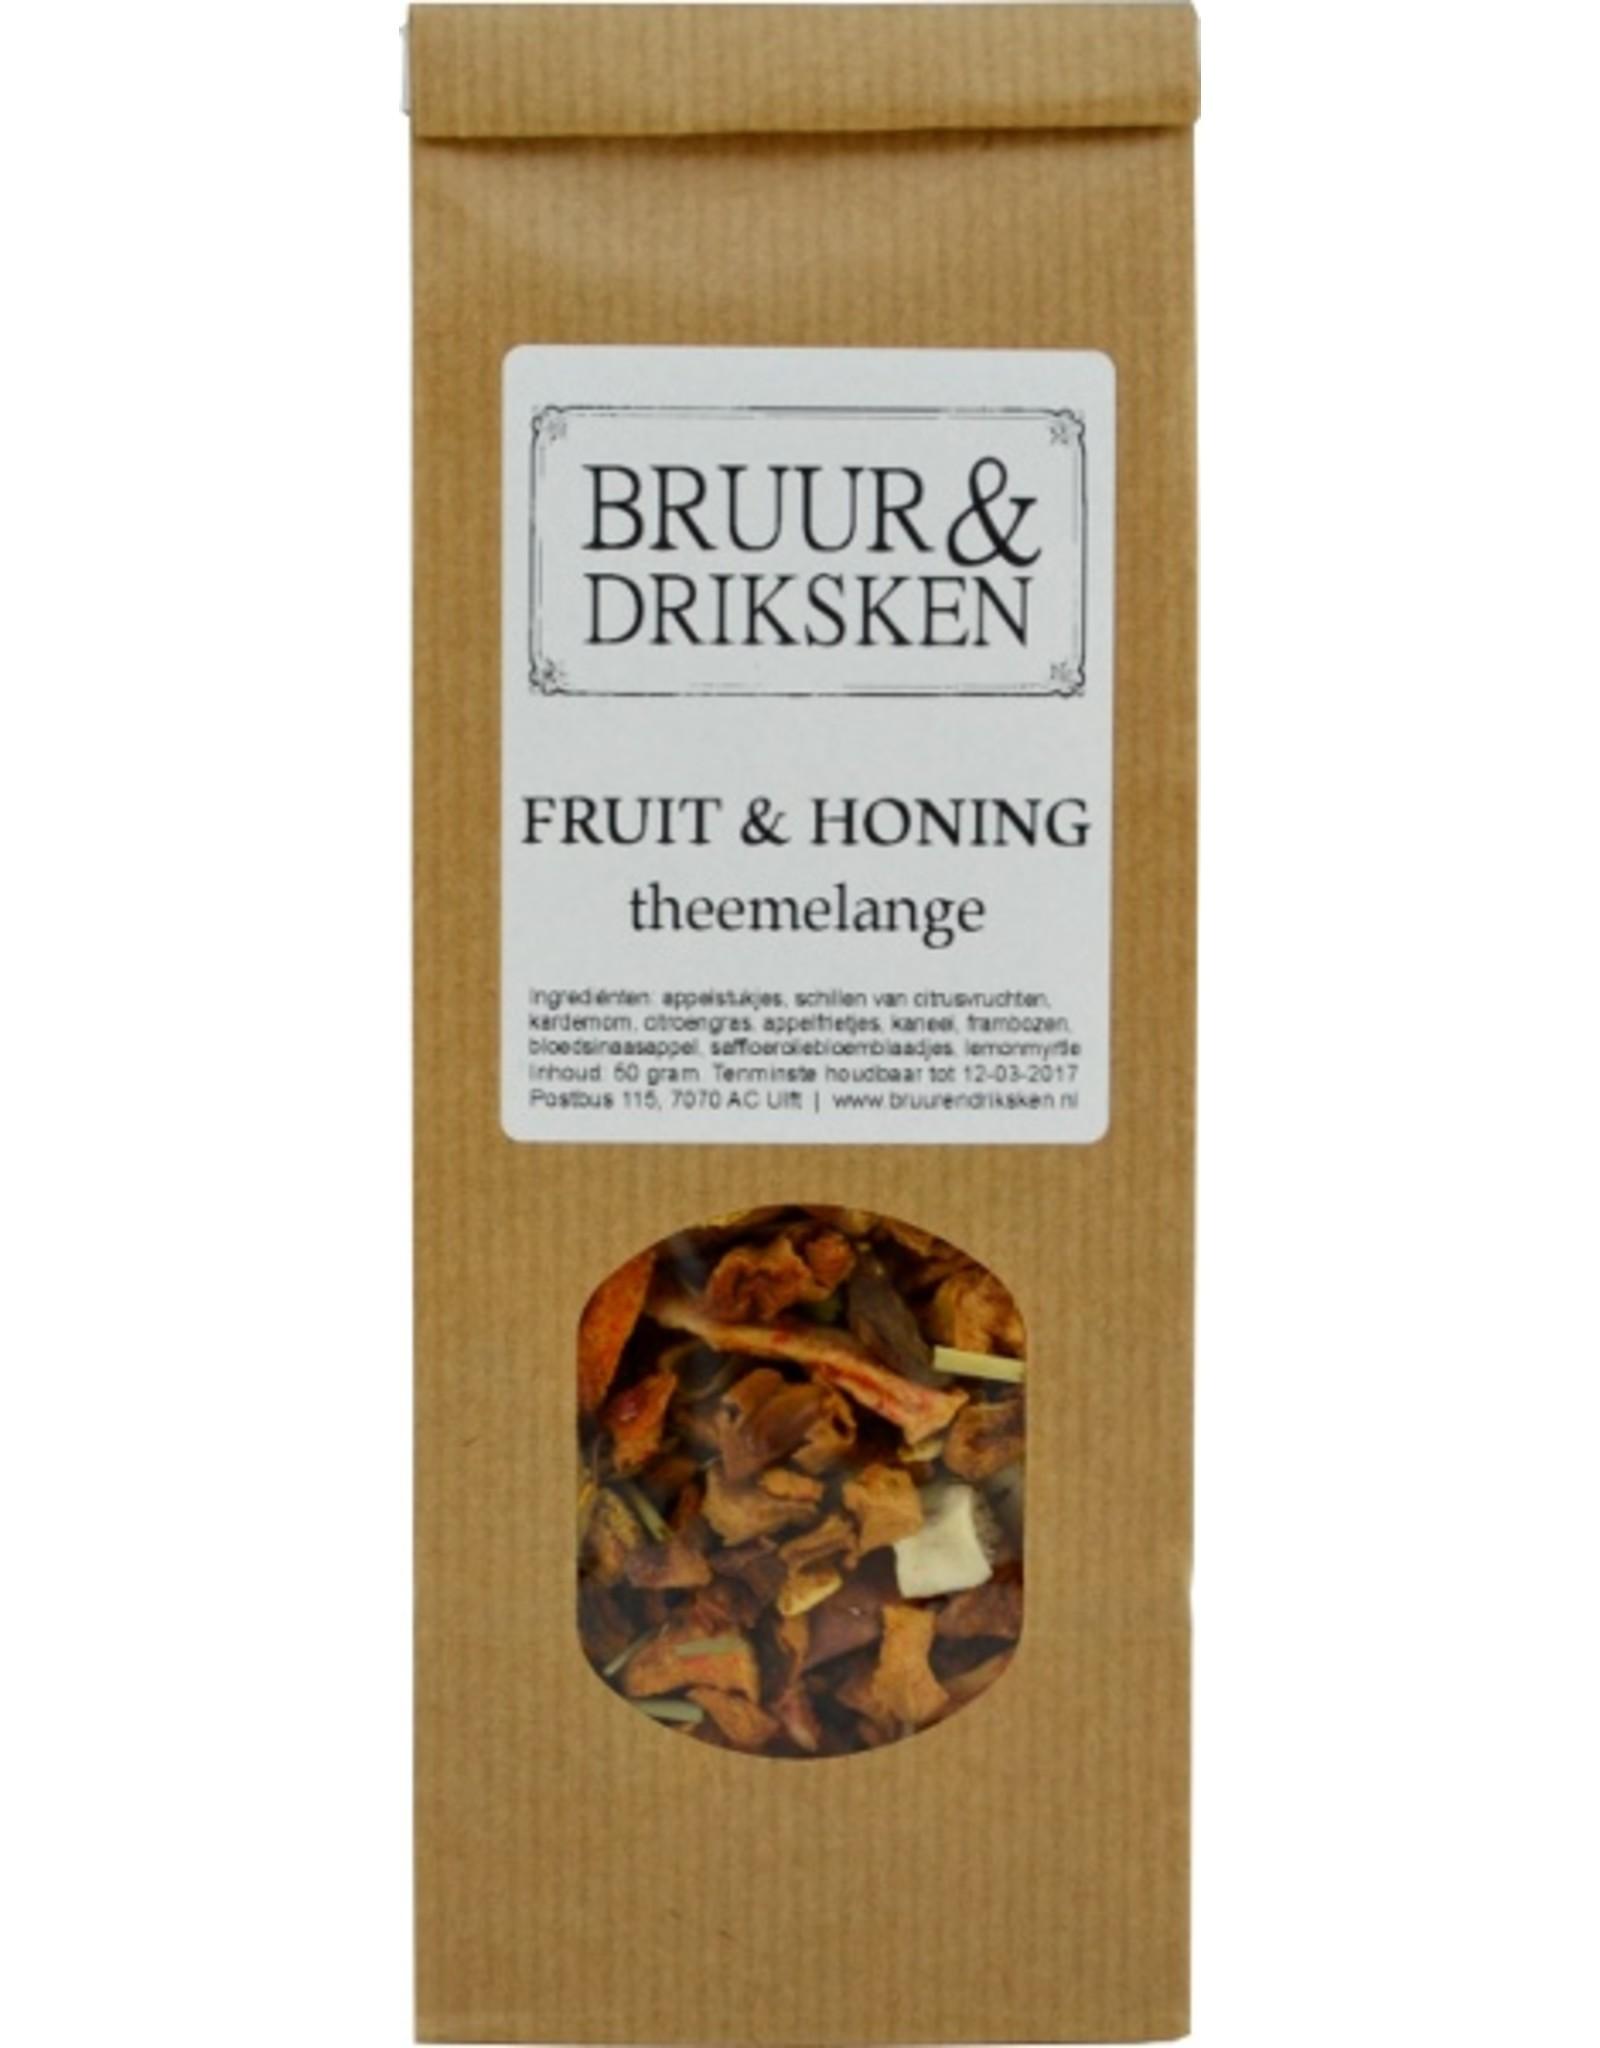 Bruur Fruit & Honing theemelange